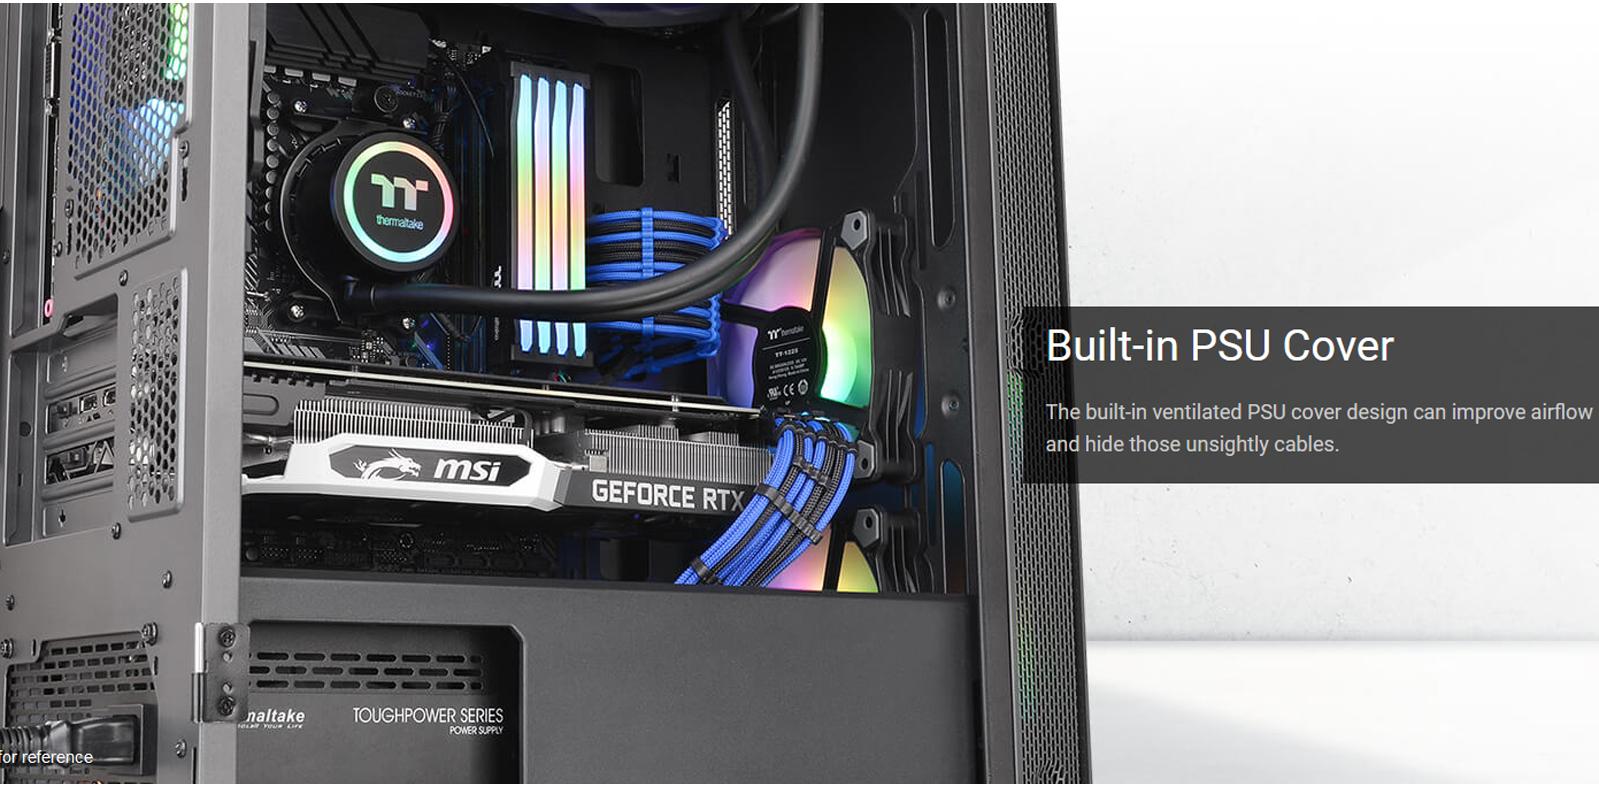 Vỏ Case Thermaltake S100 Tempered Glass (Mid Tower / Màu Đen) tích hợp sẵn khay che nguồn, thuận tiện cho việc đi dây